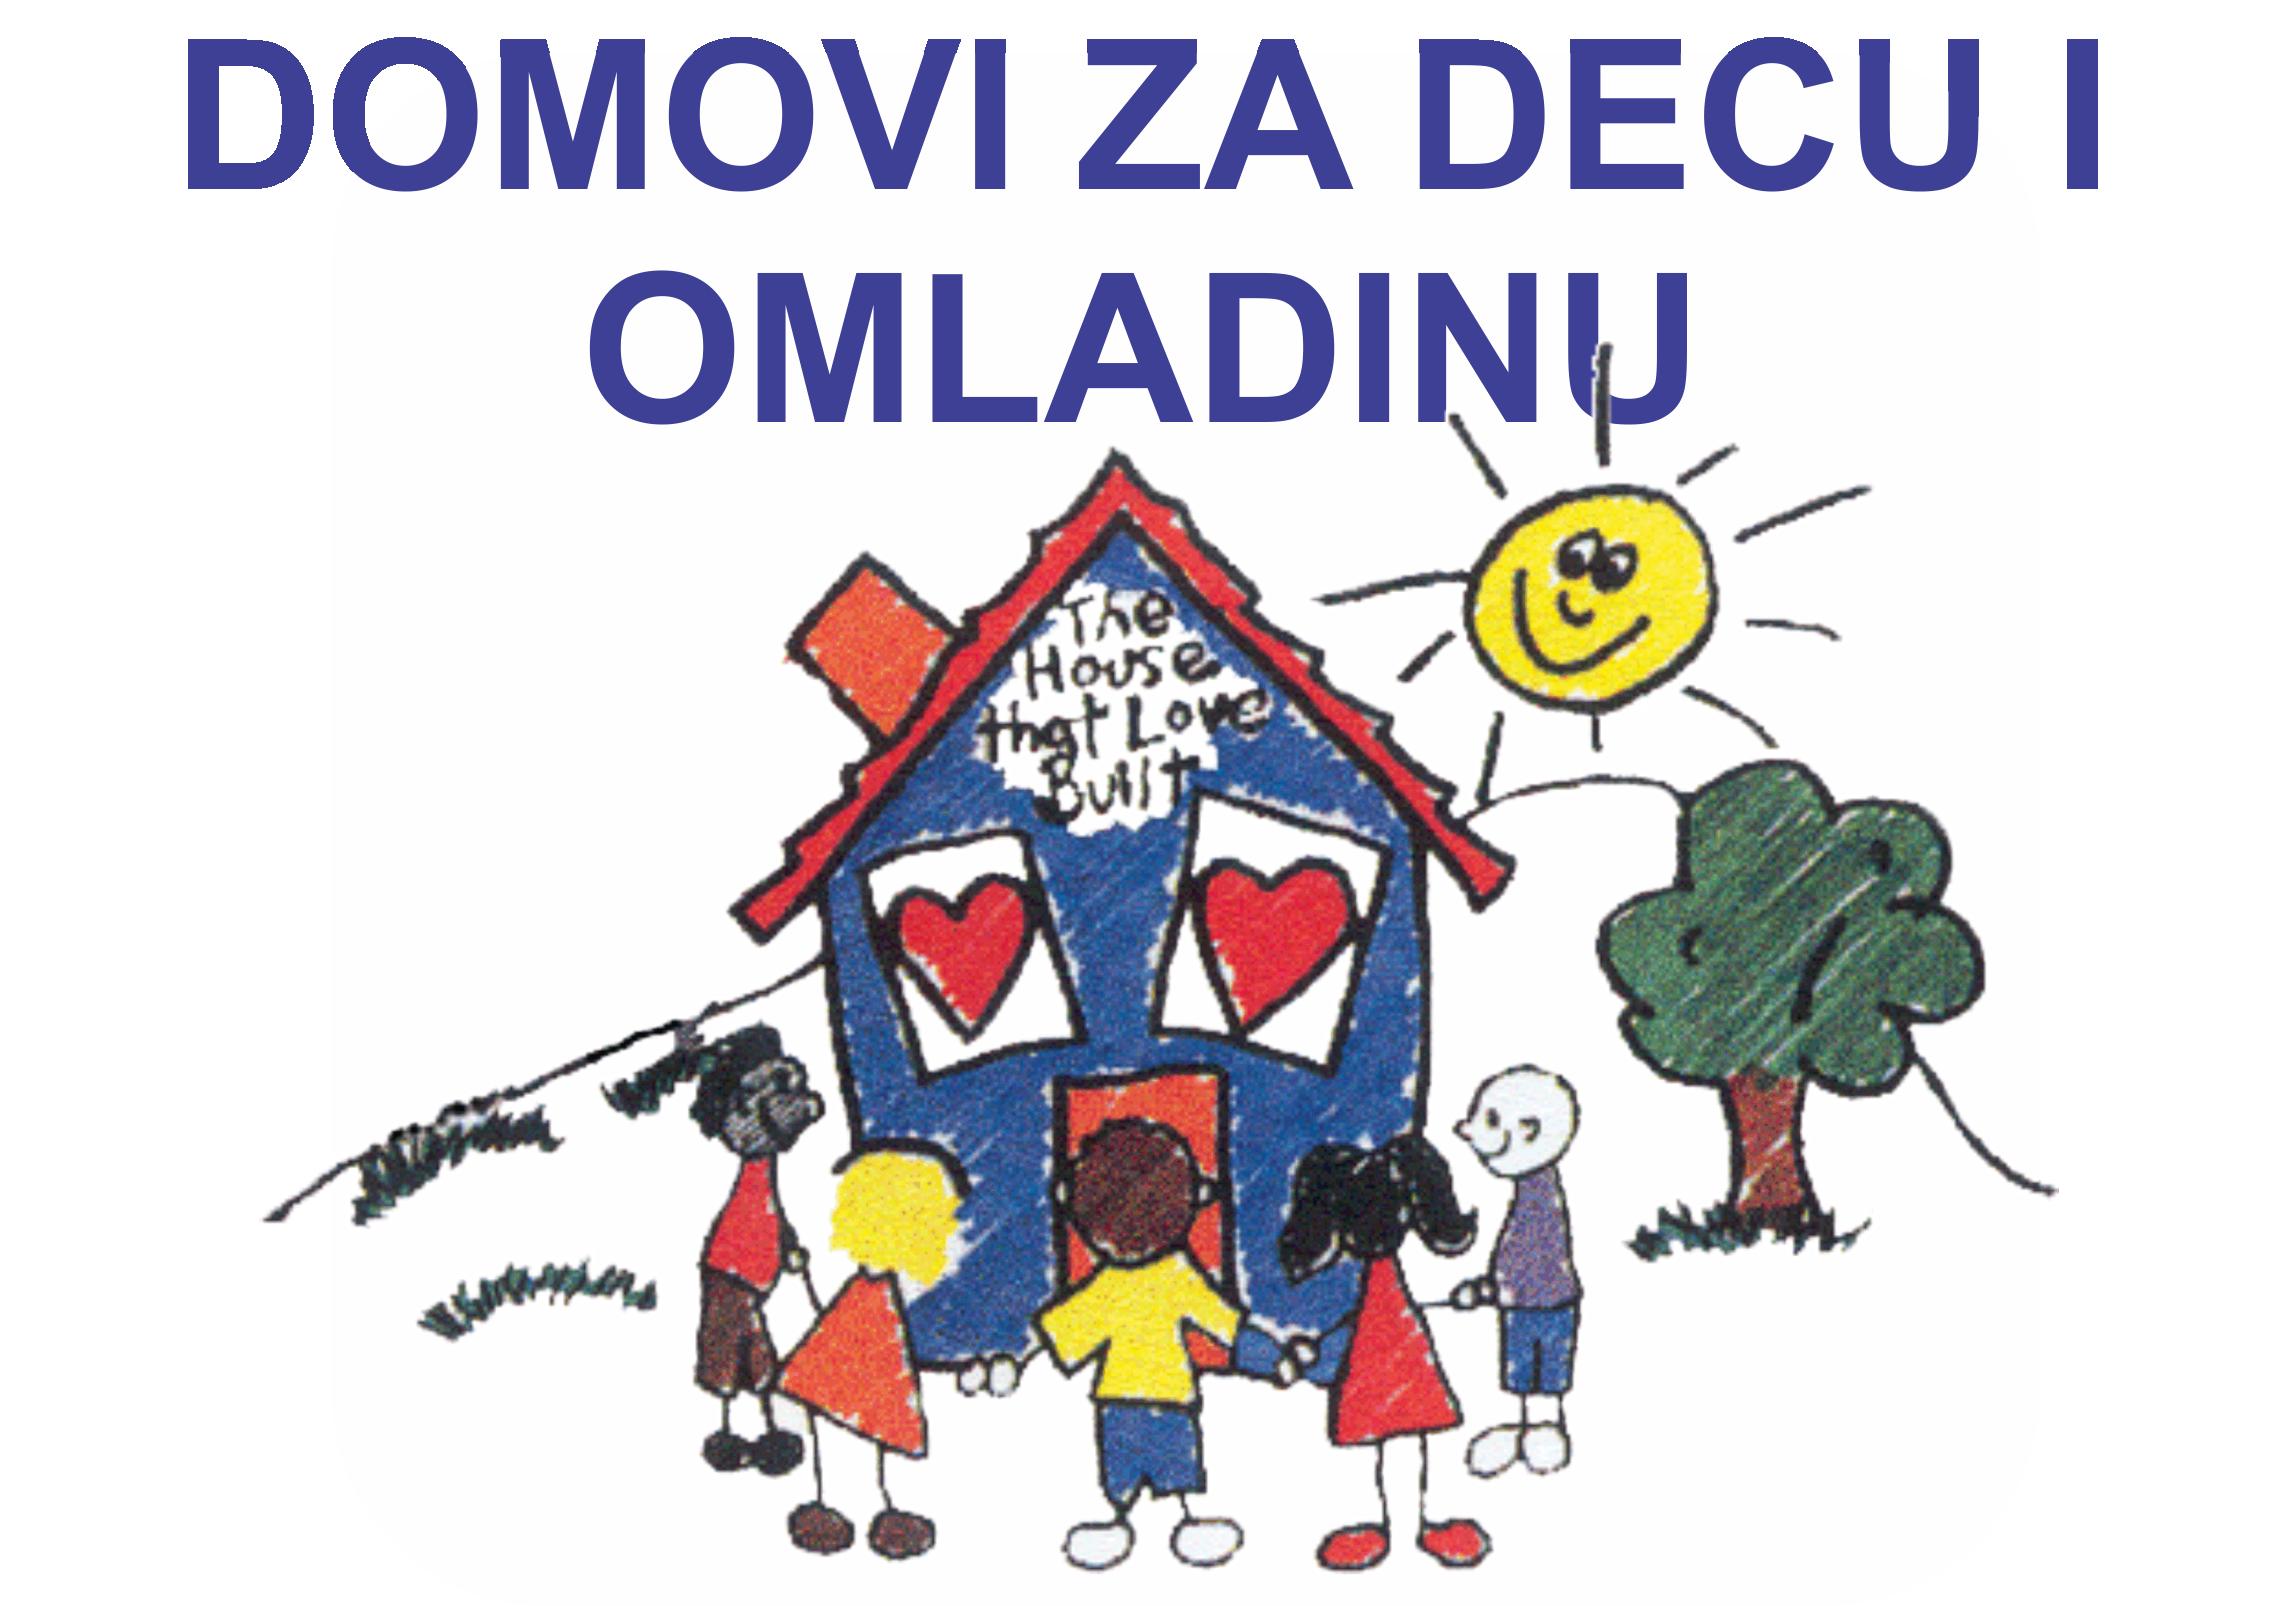 Fice-Clanica-Domovi-Za-Decu-i-Omladinu.png